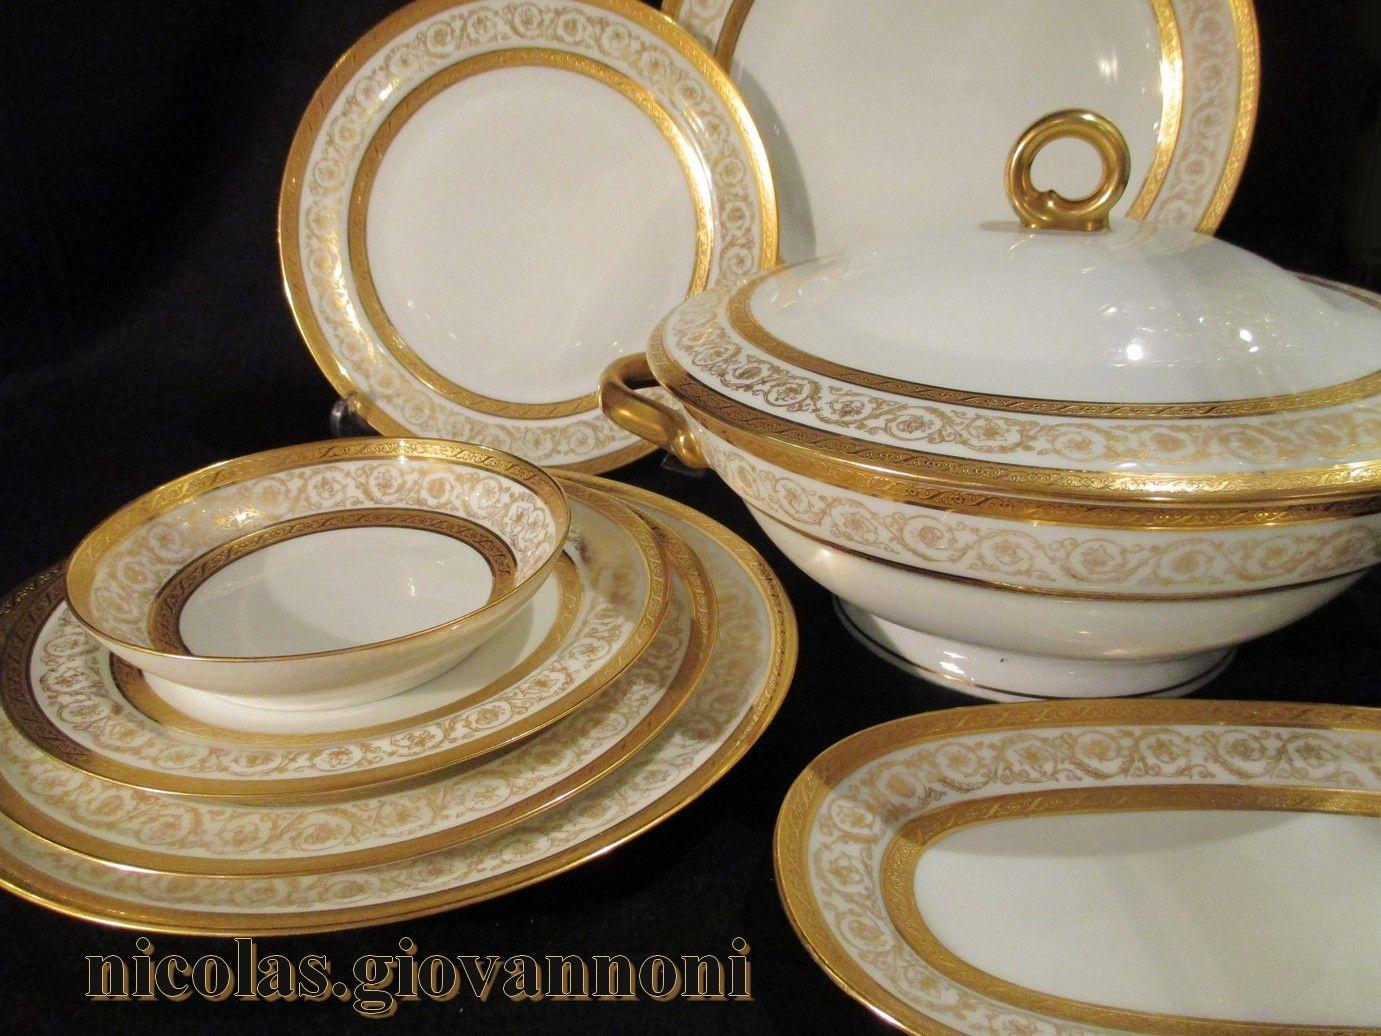 100 pi ces or incrust bruni l 39 agate malevergne limoges porcelaine catalogue. Black Bedroom Furniture Sets. Home Design Ideas